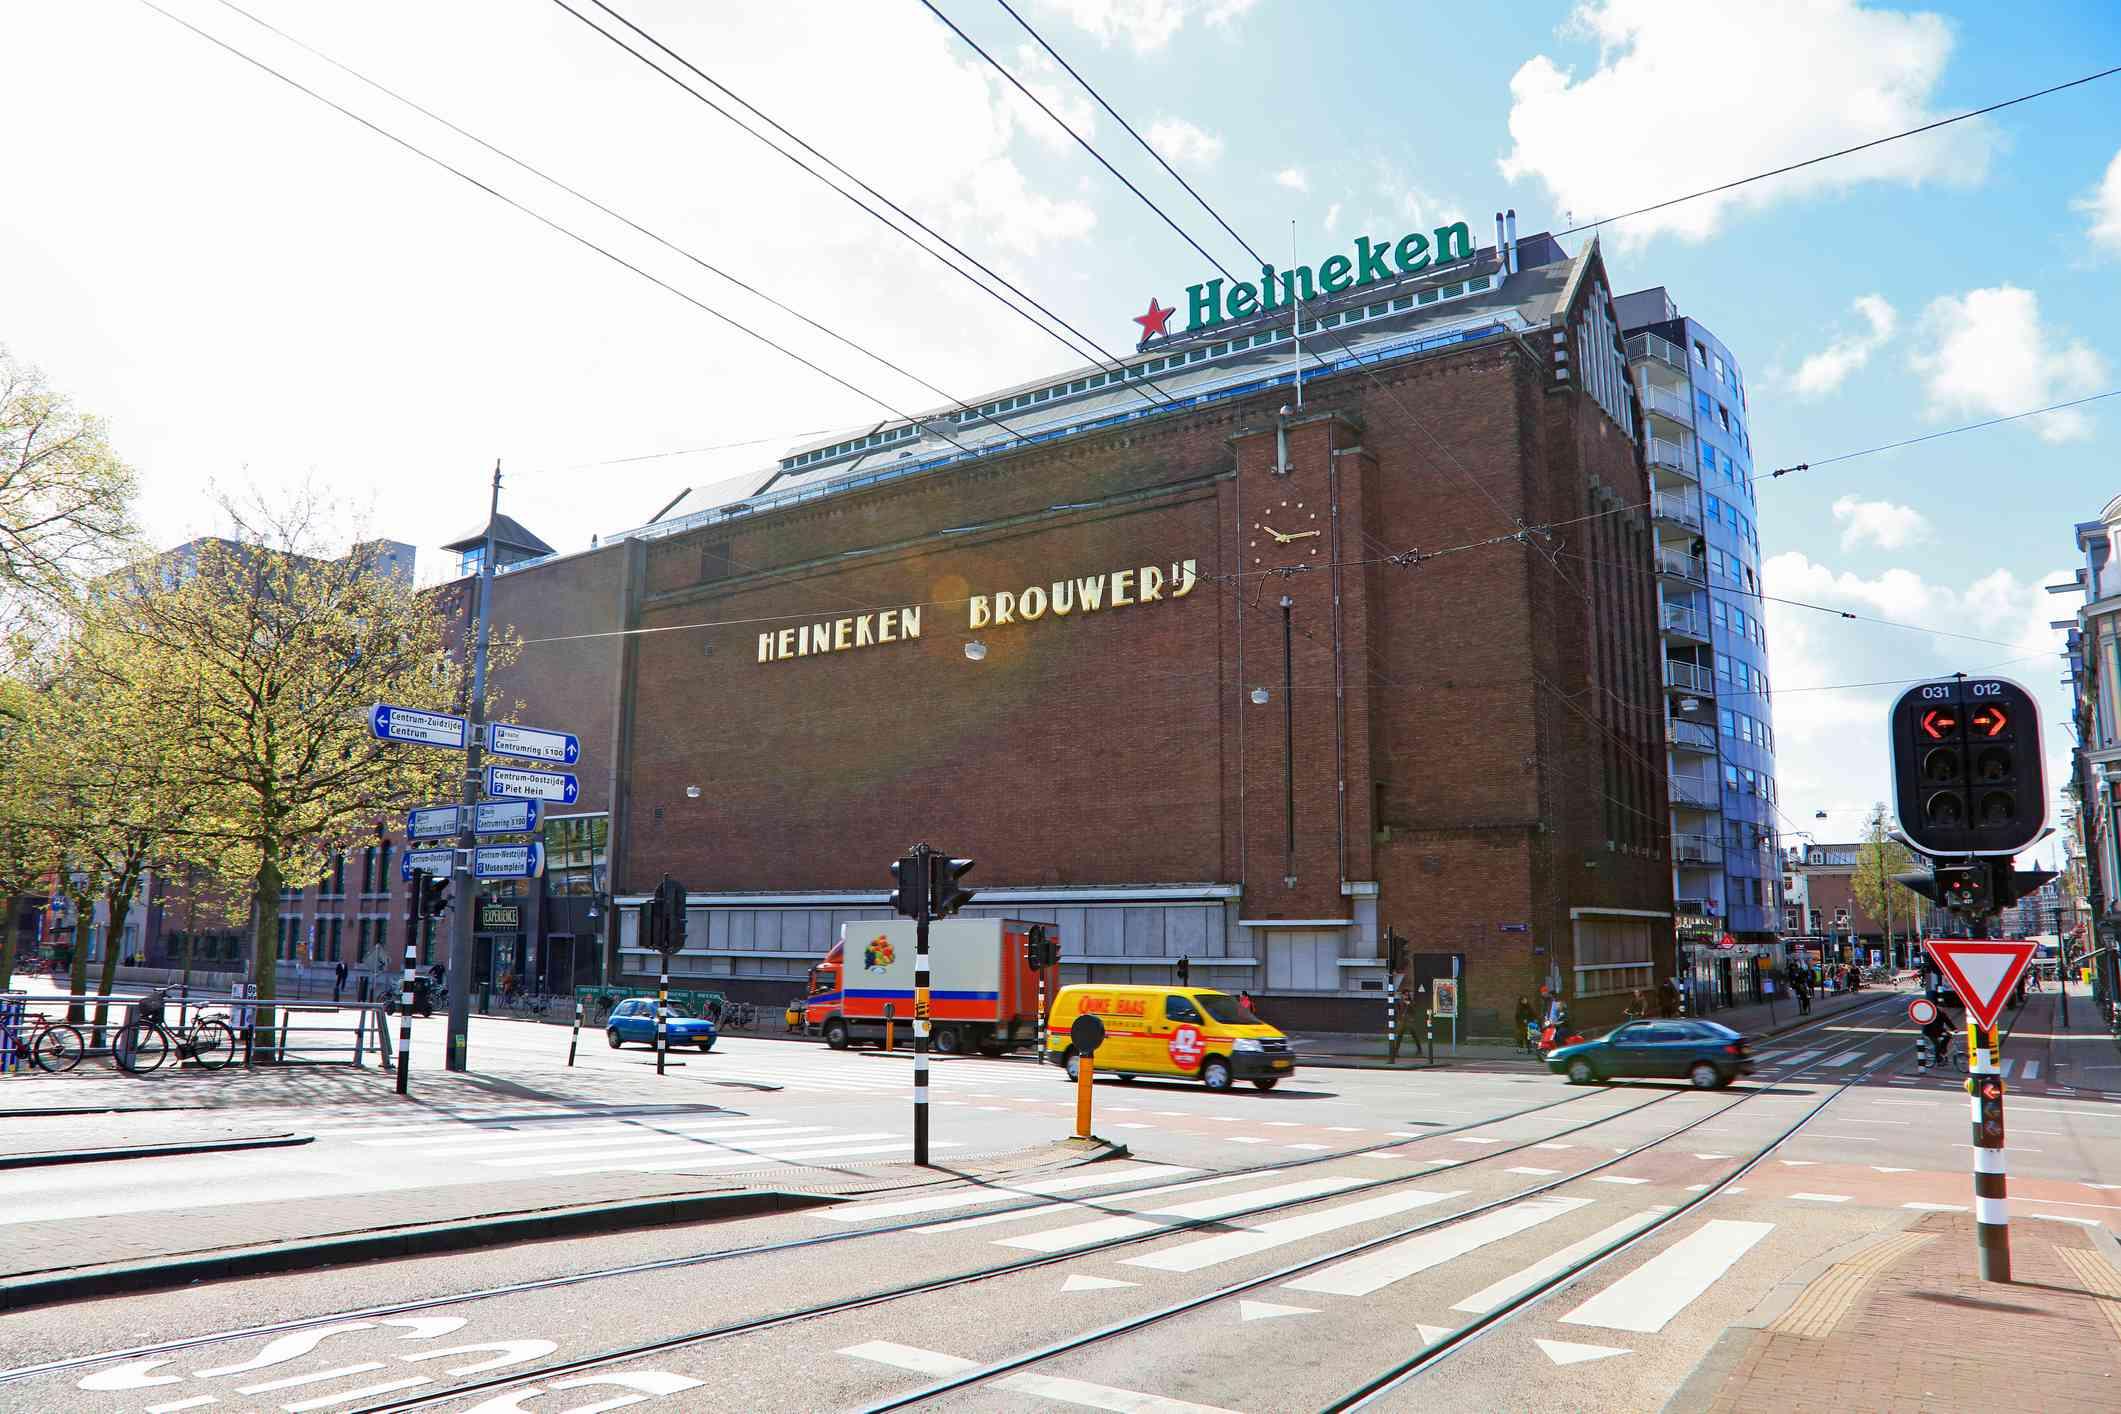 Heineken Brewery, Amsterdam, Netherlands